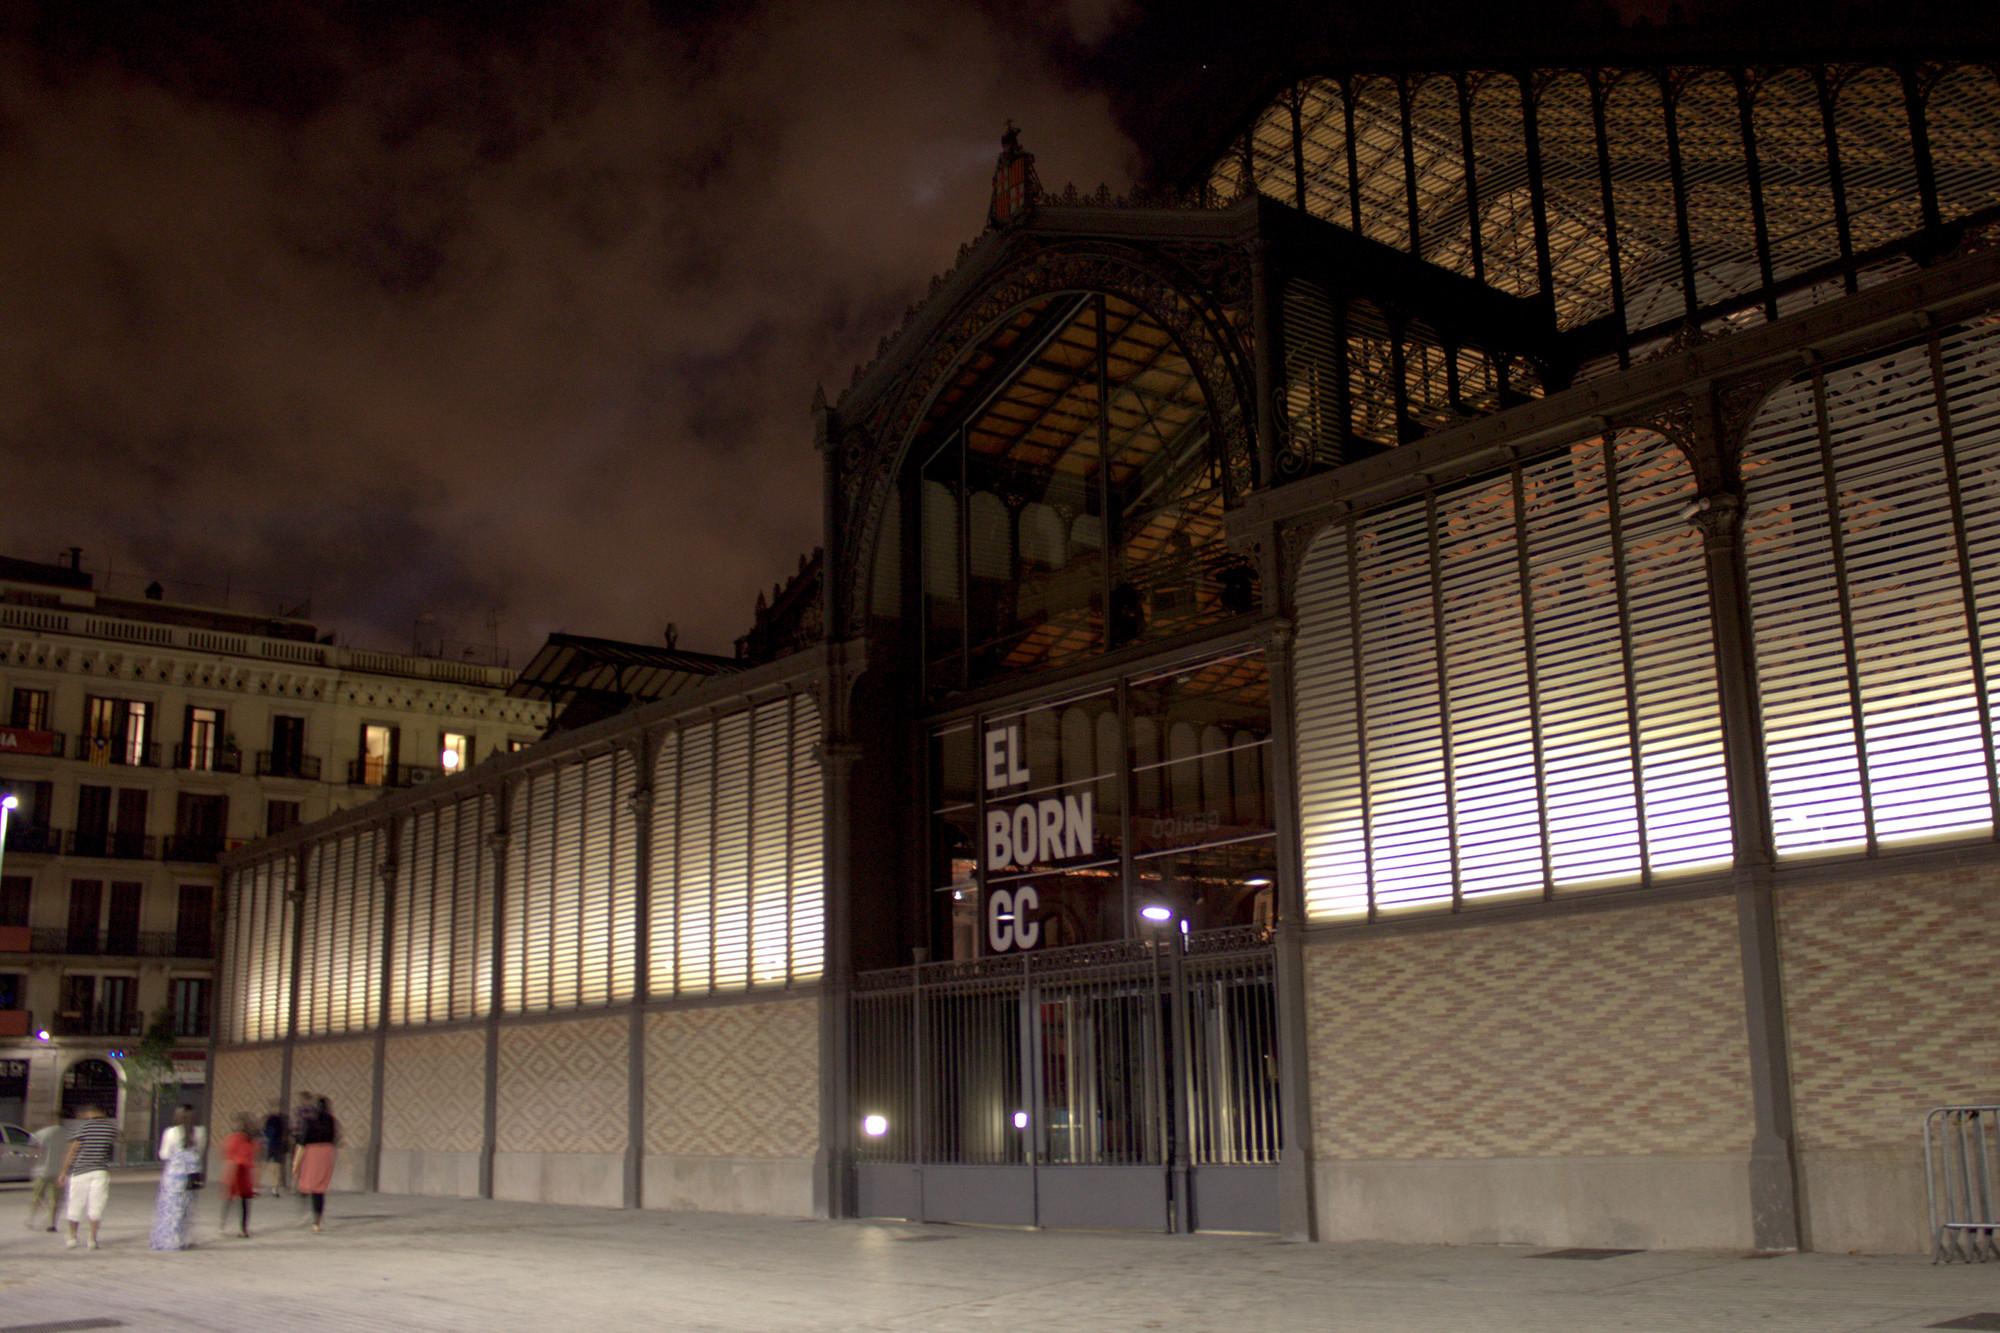 Premios Ciutat de Barcelona: el Mercado del Born gana la categoría de  Arquitectura y Urbanismo, © Anoche Iluminación Arquitectónica